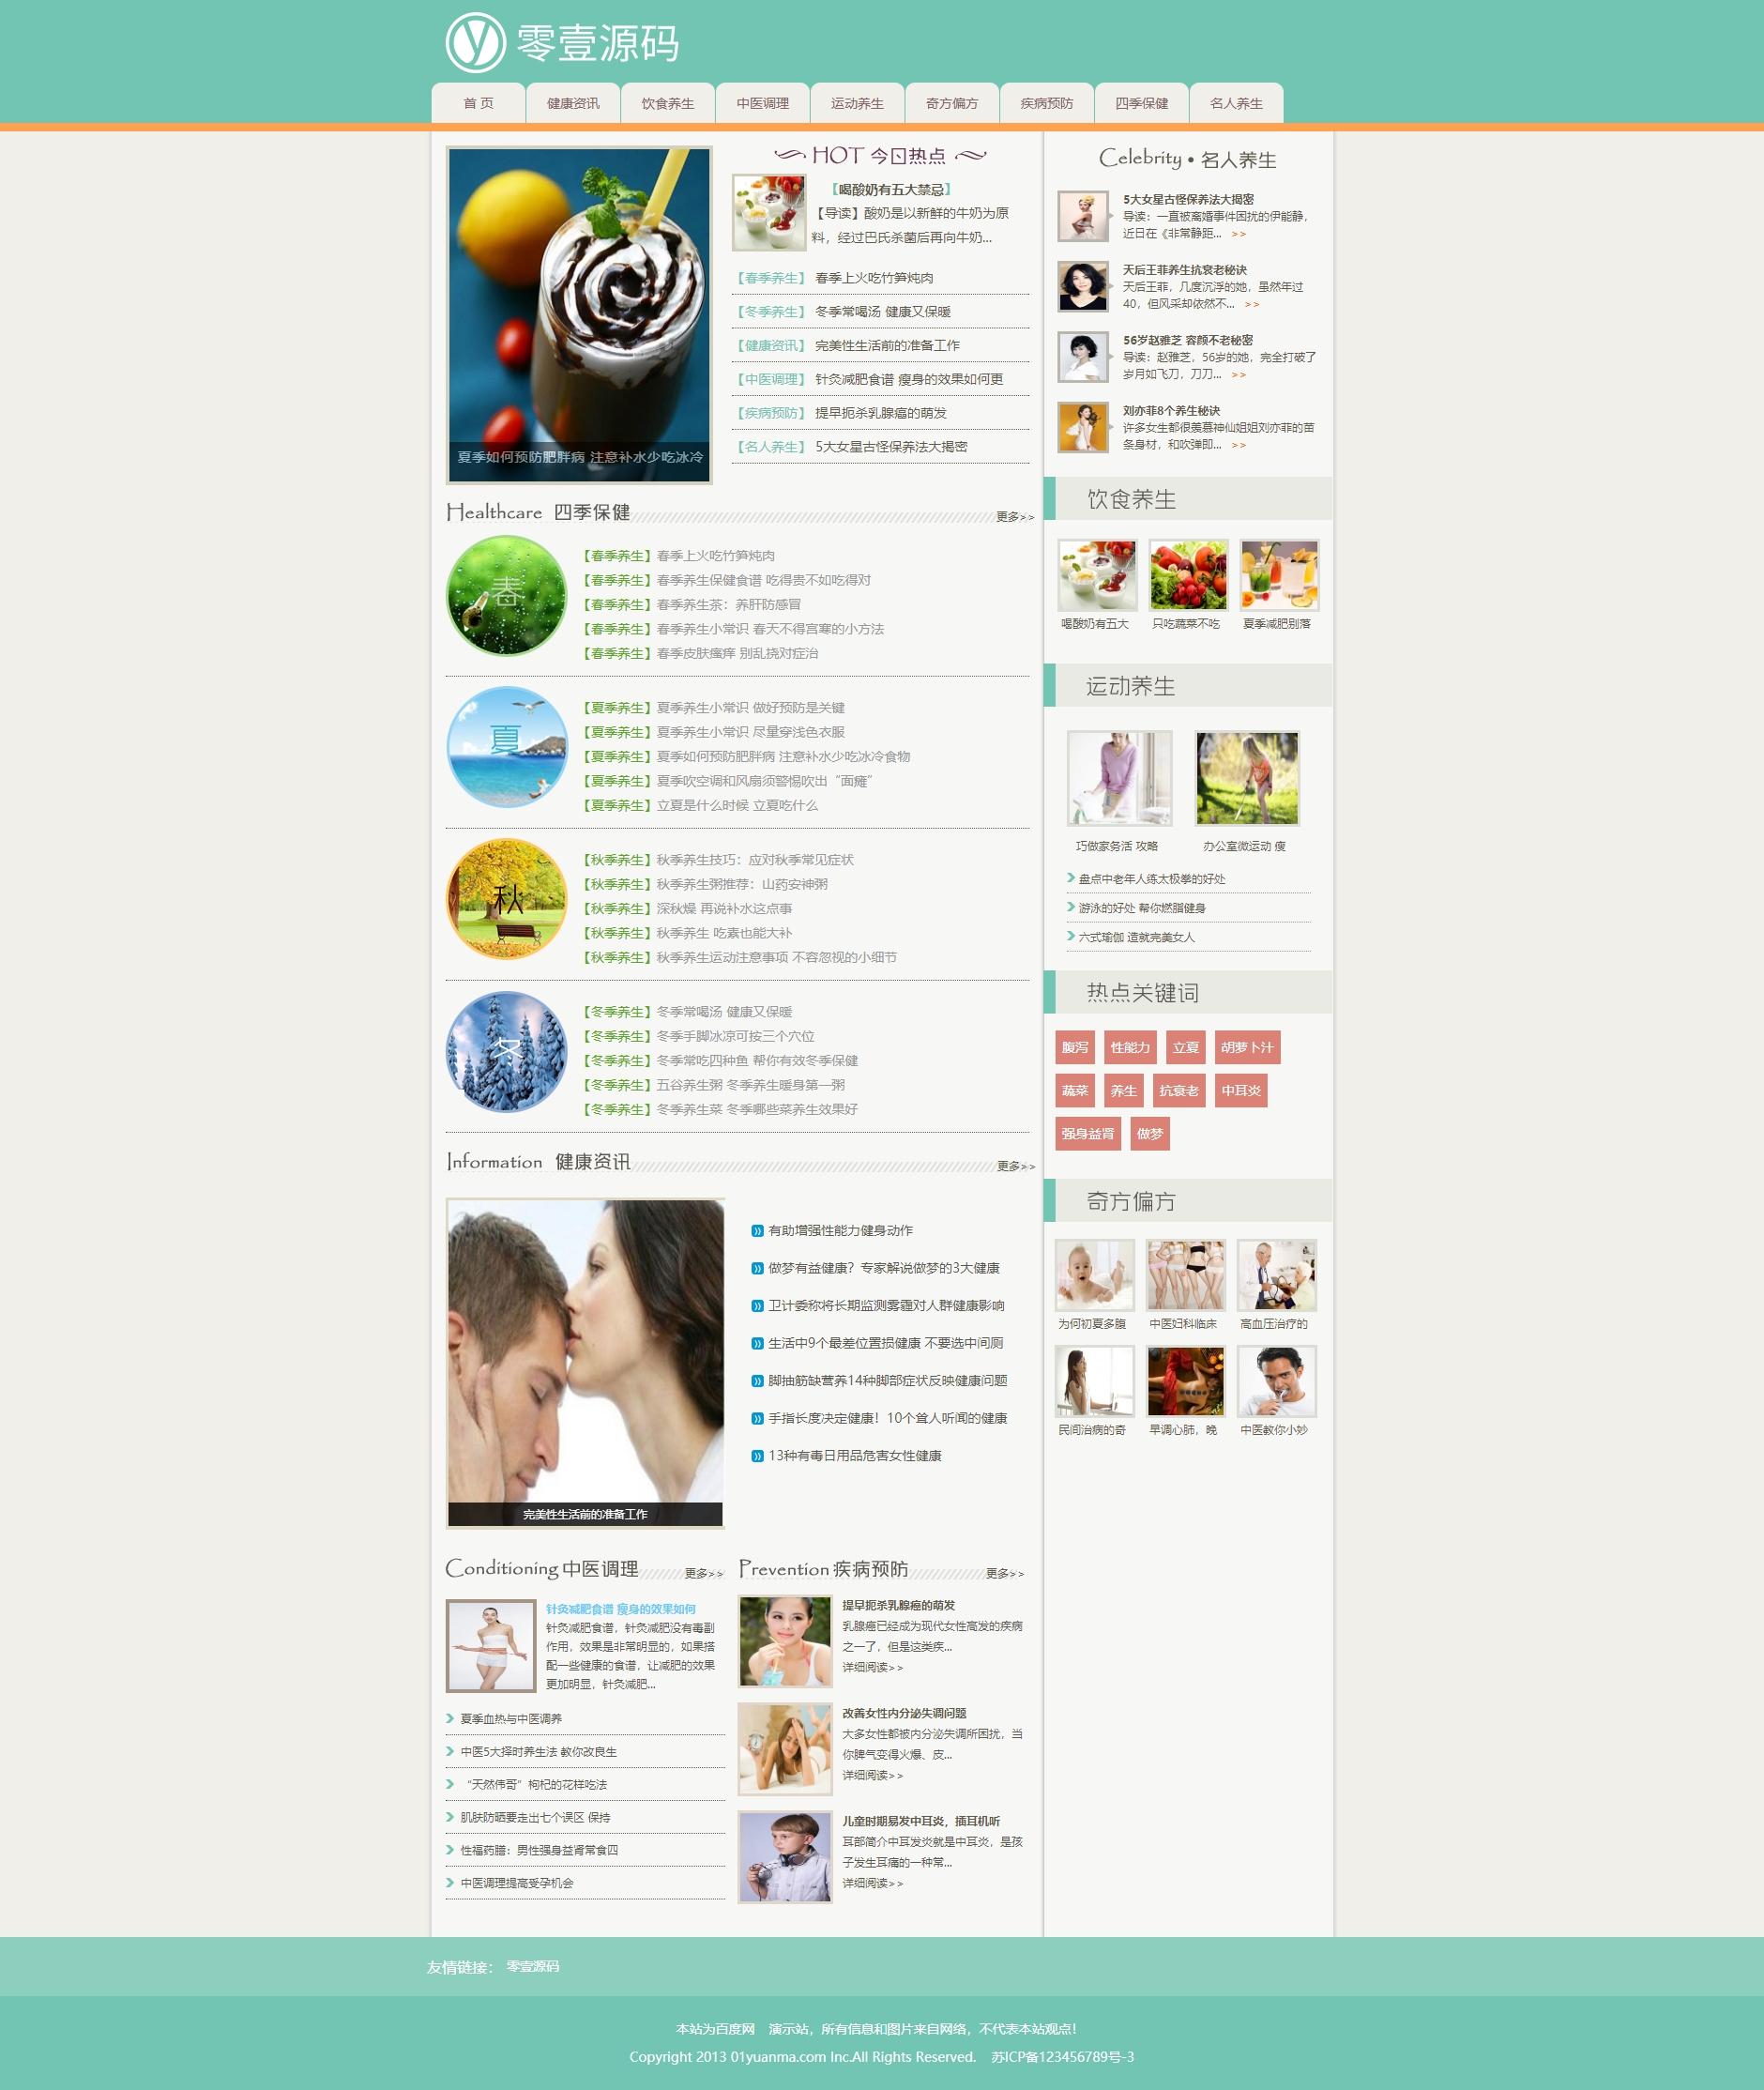 织梦dedecms青绿色健康养生资讯网站整站模板